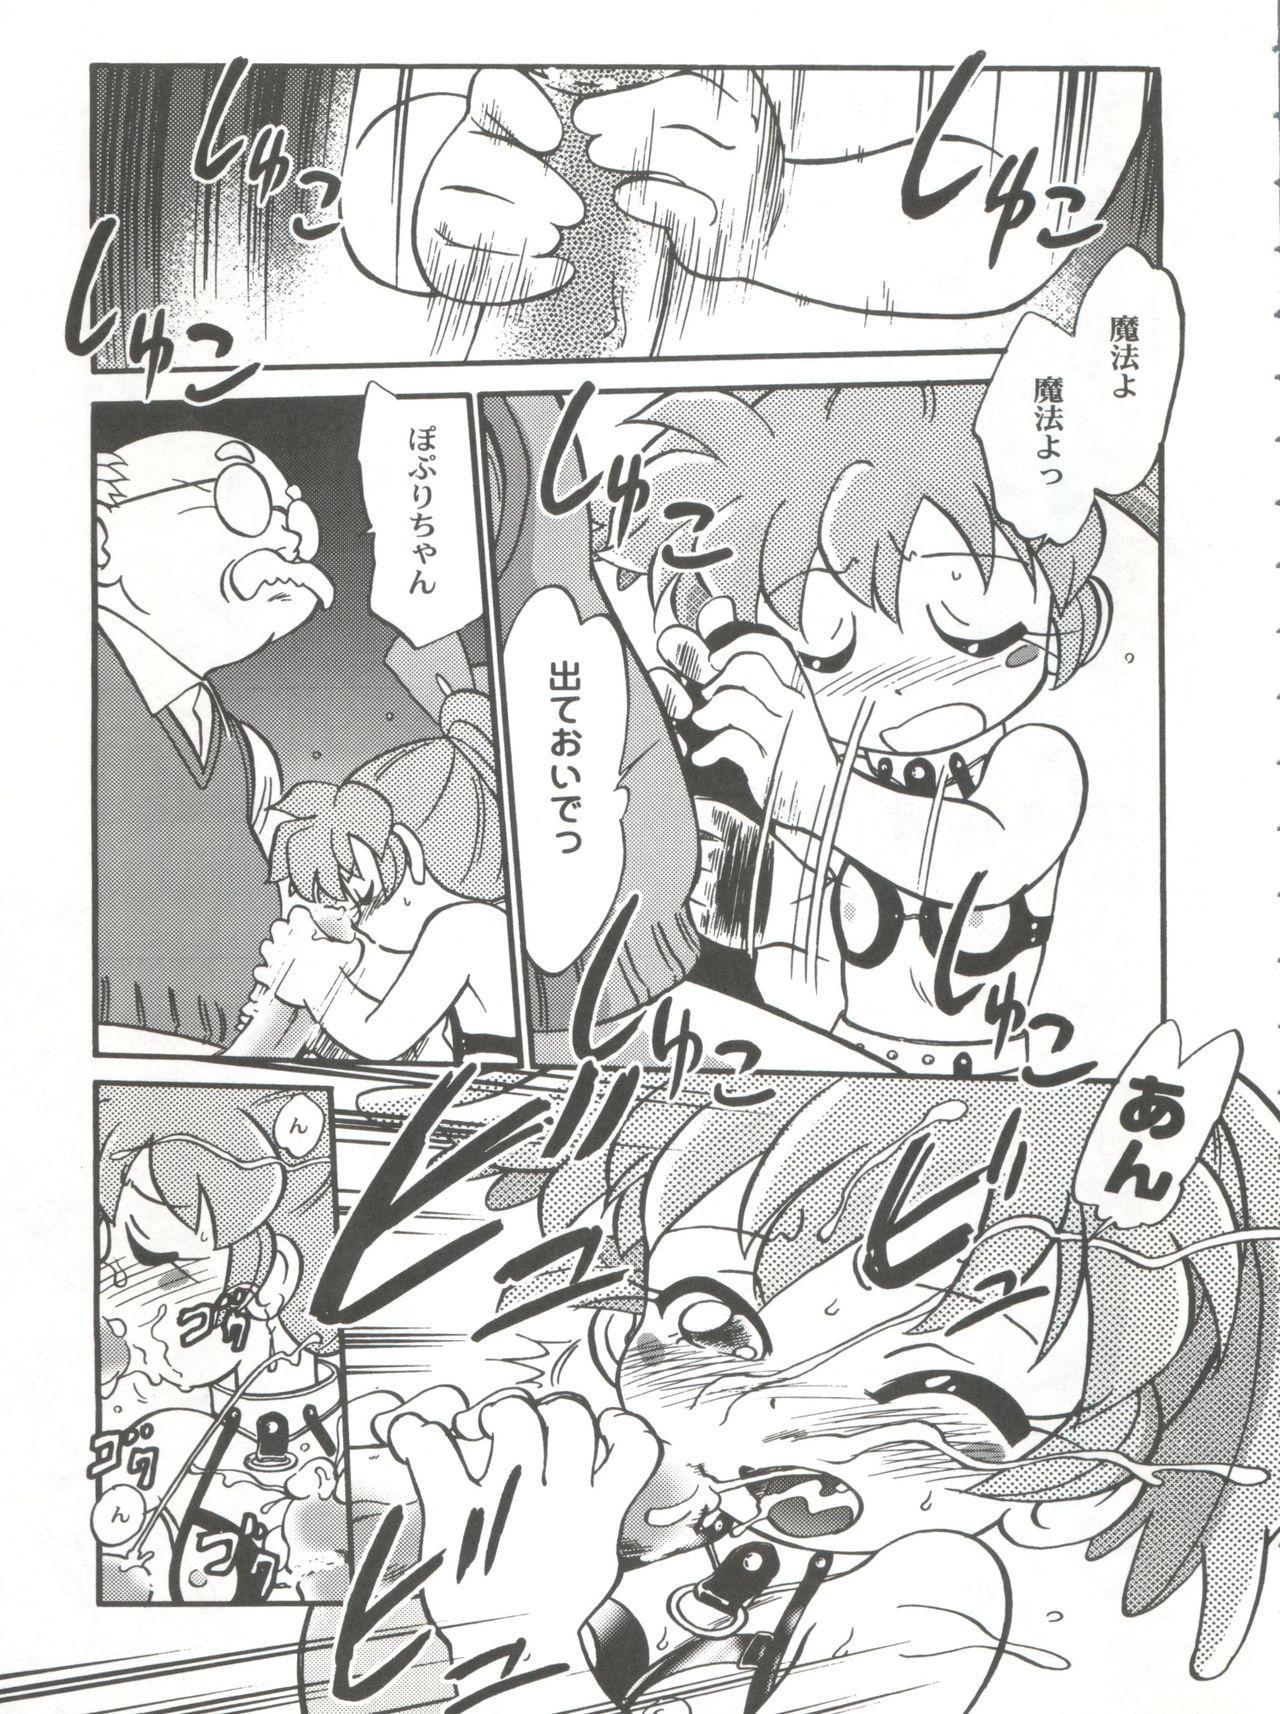 Mahou no Okusuri 13